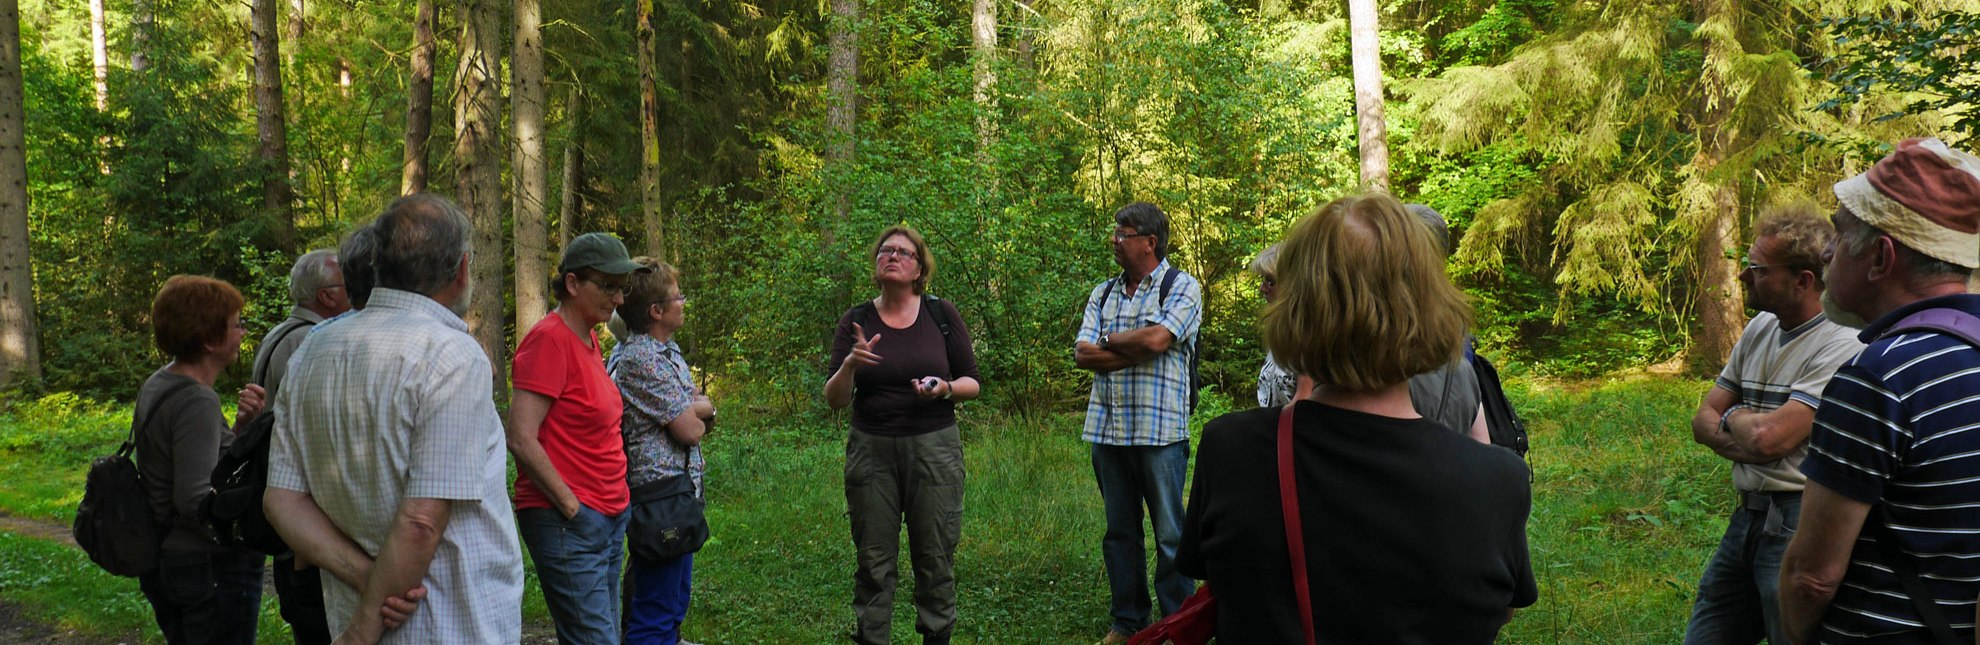 Waldspaziergang für Gruppen mit Waldpädagogin Traute Tockhorn Krukow, WalderlebnisWelt, © WalderlebnisWelt